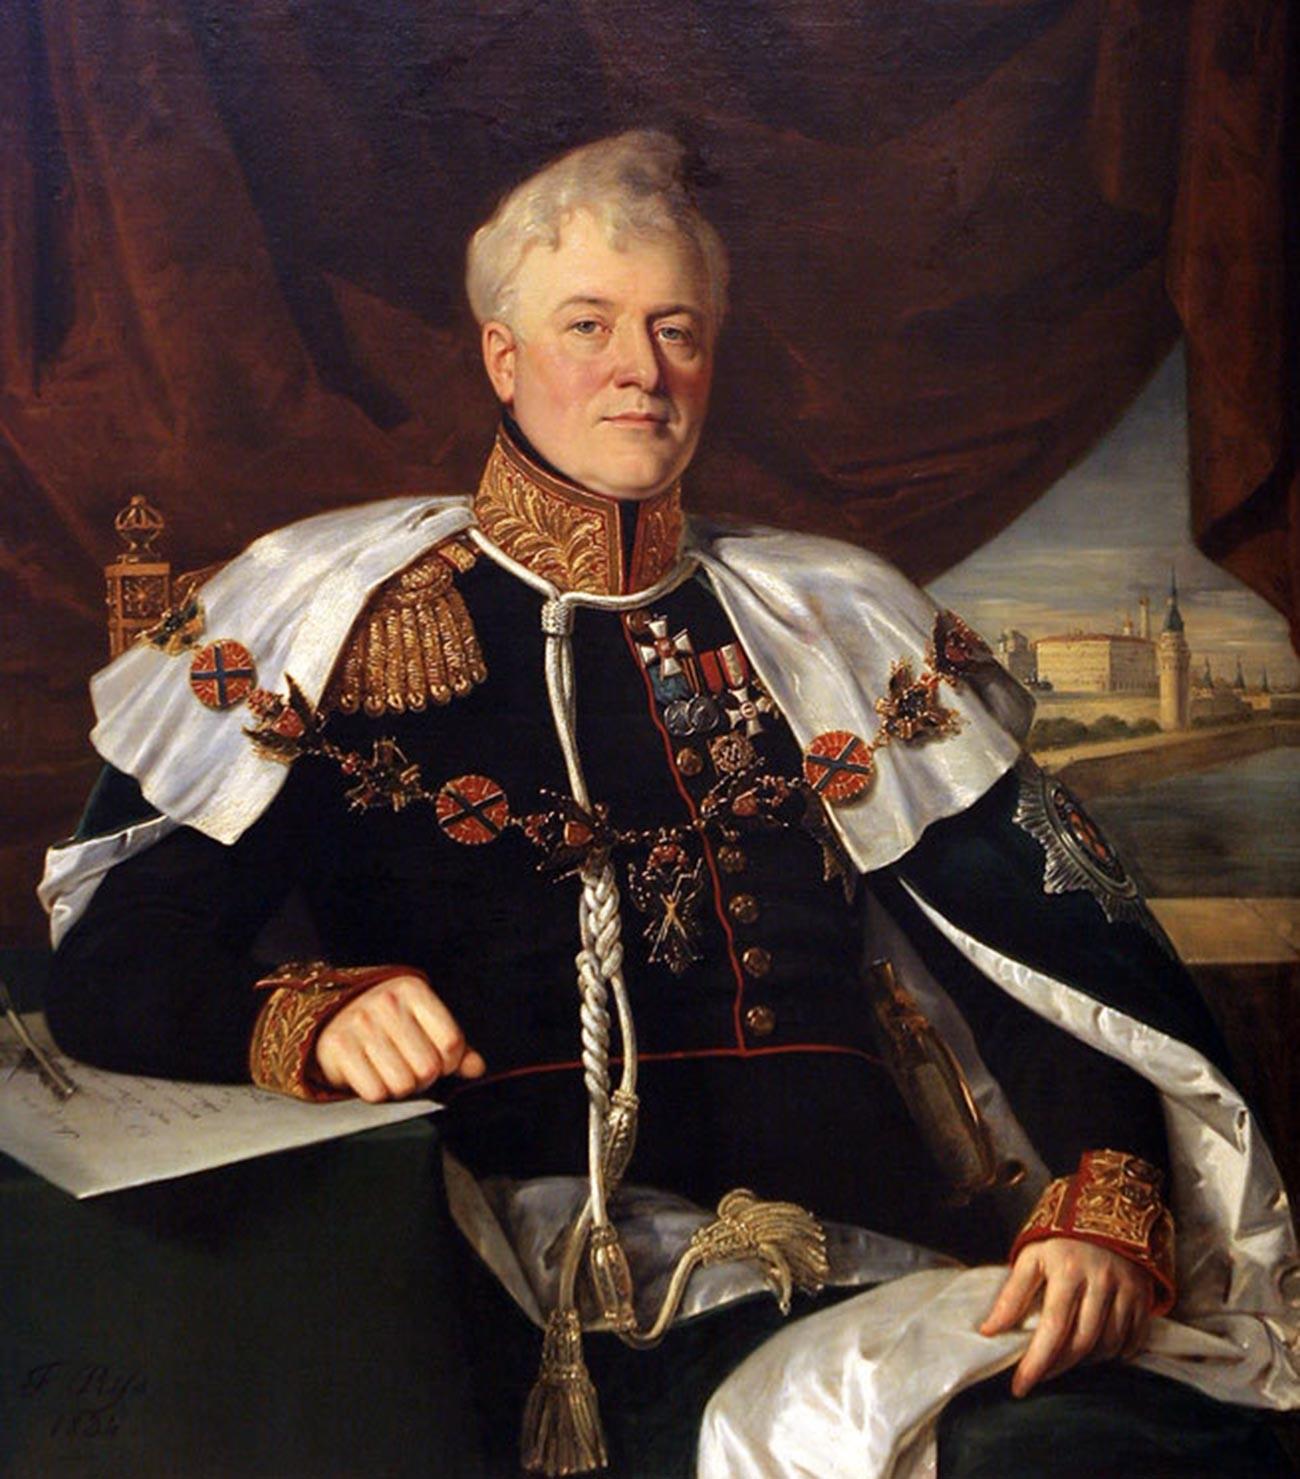 Портрет на княз Д.В. Галицин